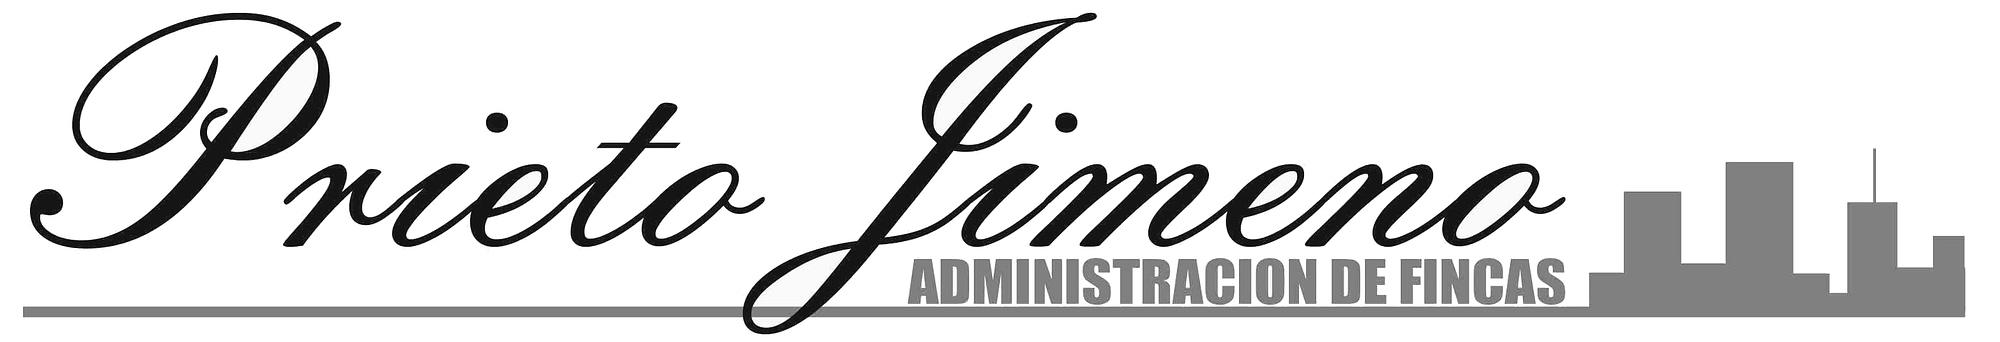 Administración de Fincas Prieto y Jimeno